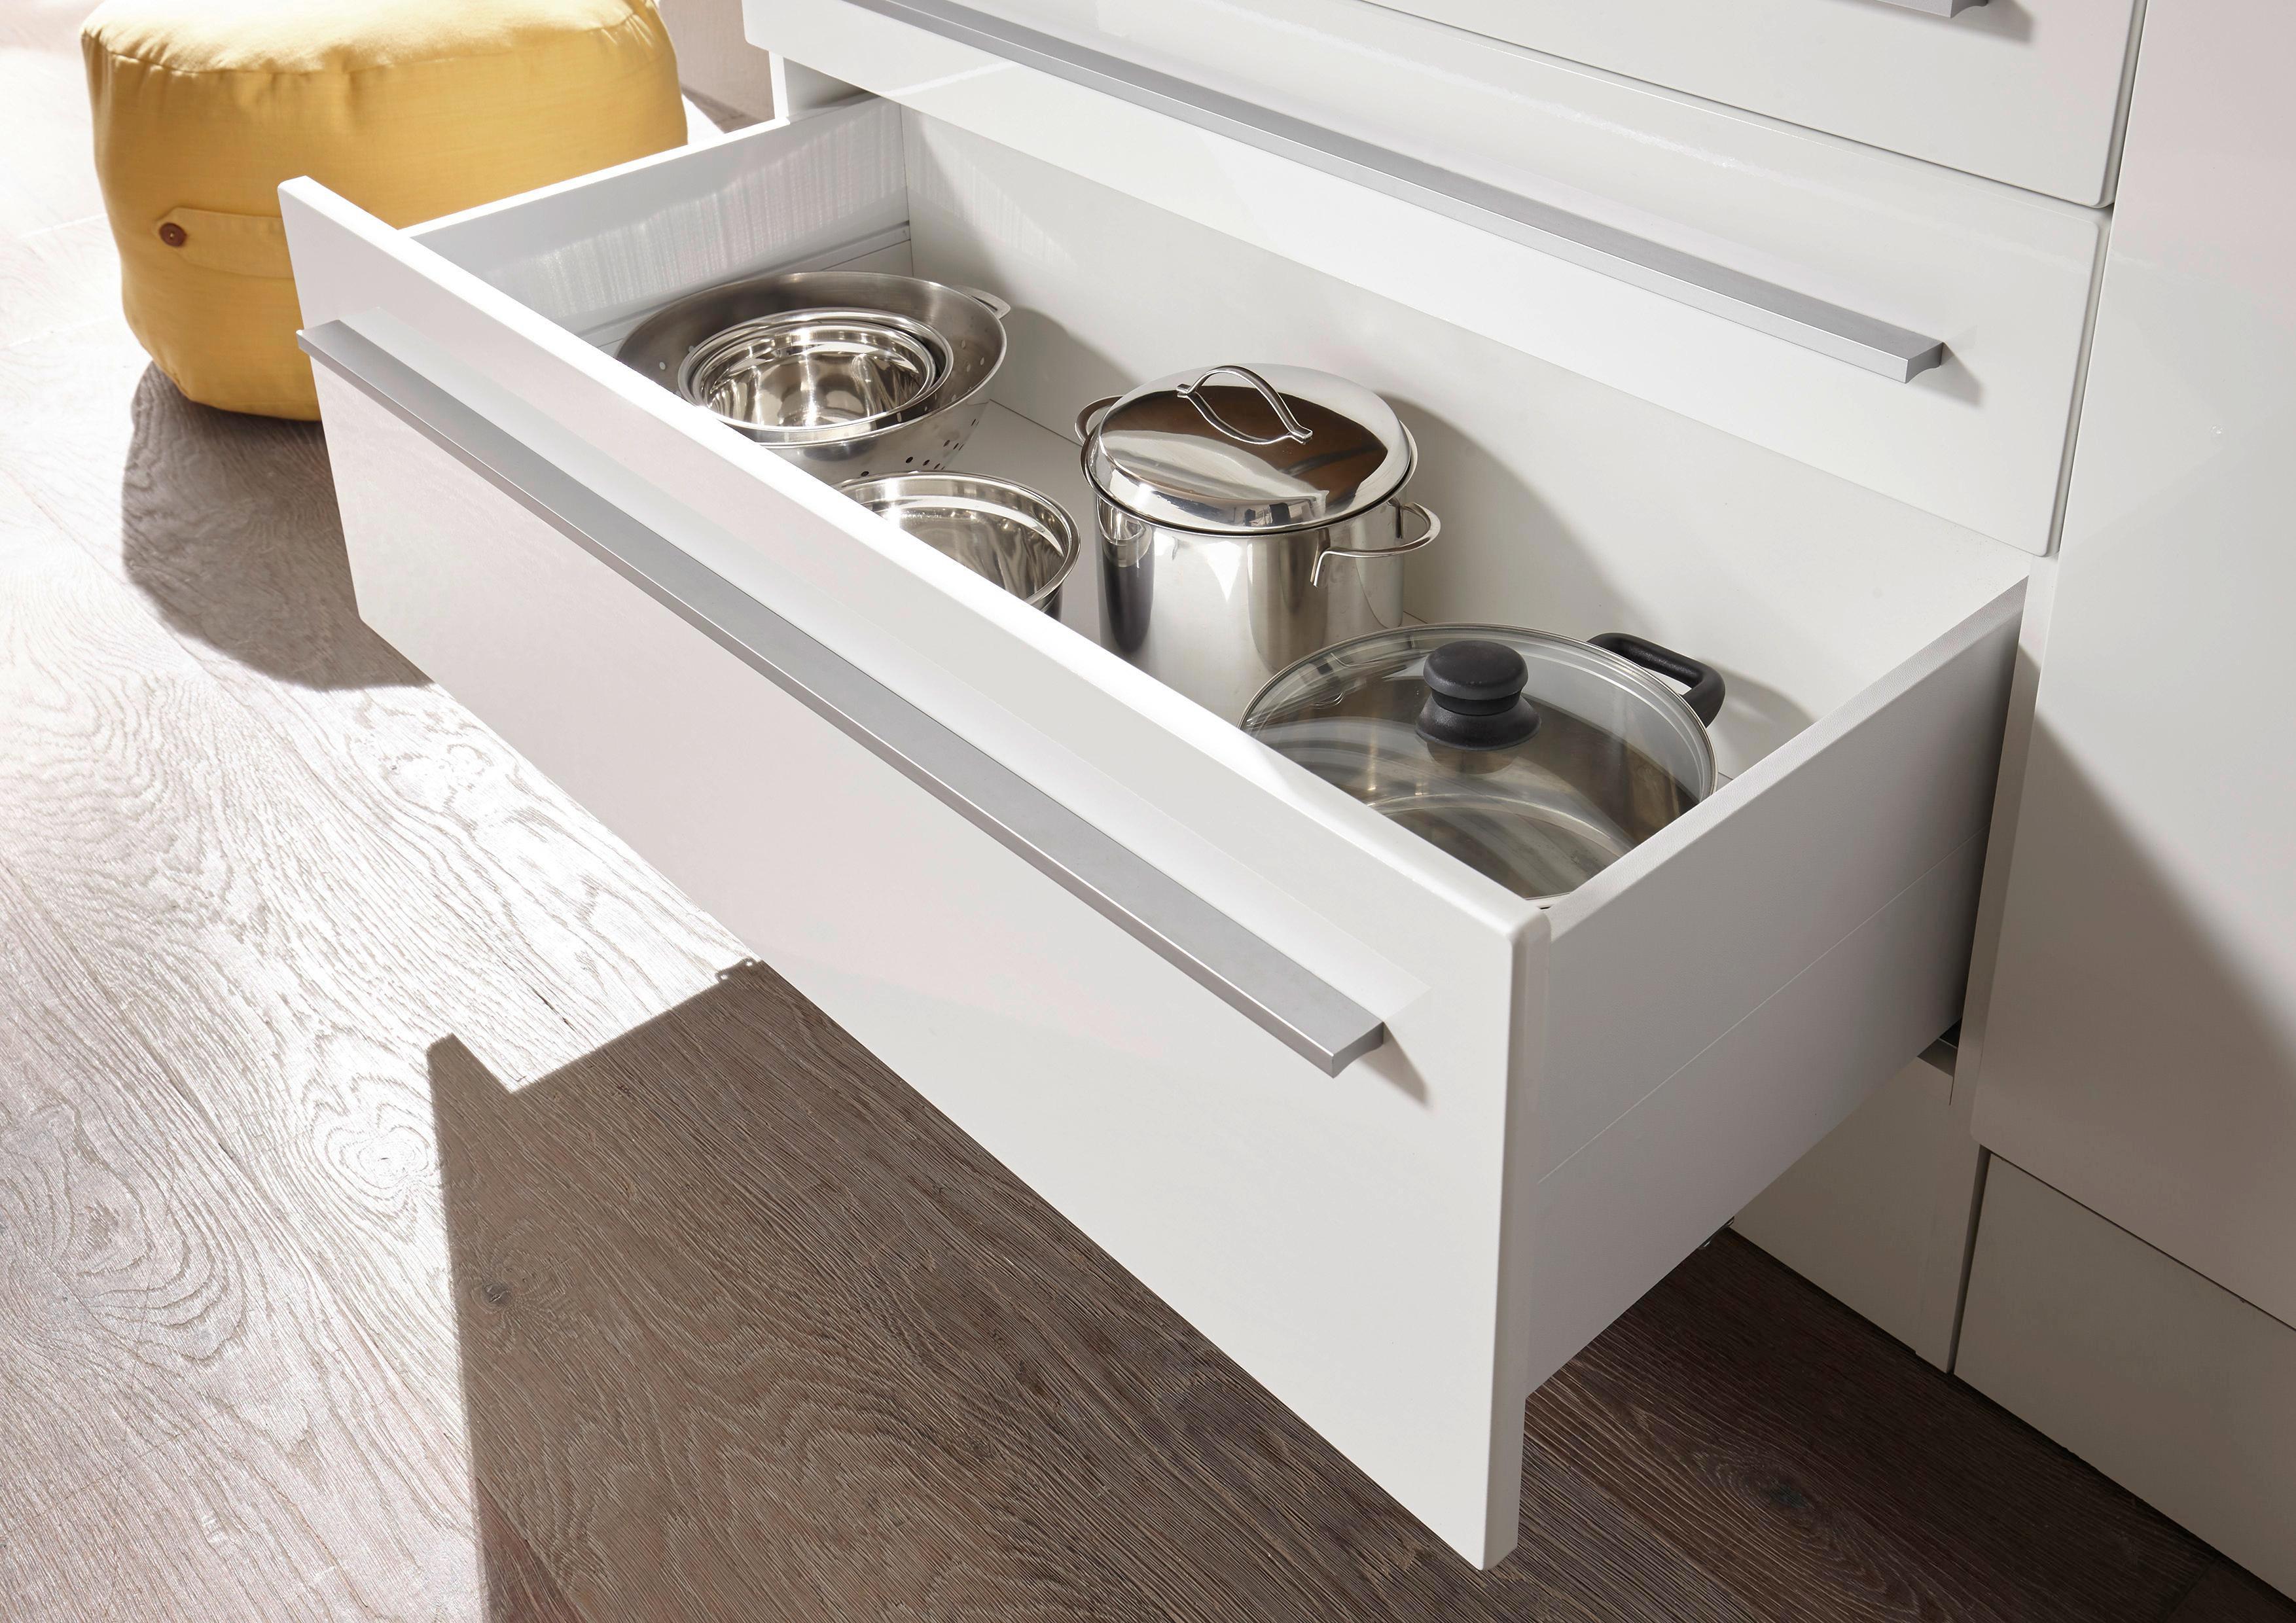 Fantastisch Billige Küchenschränke In Nj Fotos - Küchen Ideen Modern ...